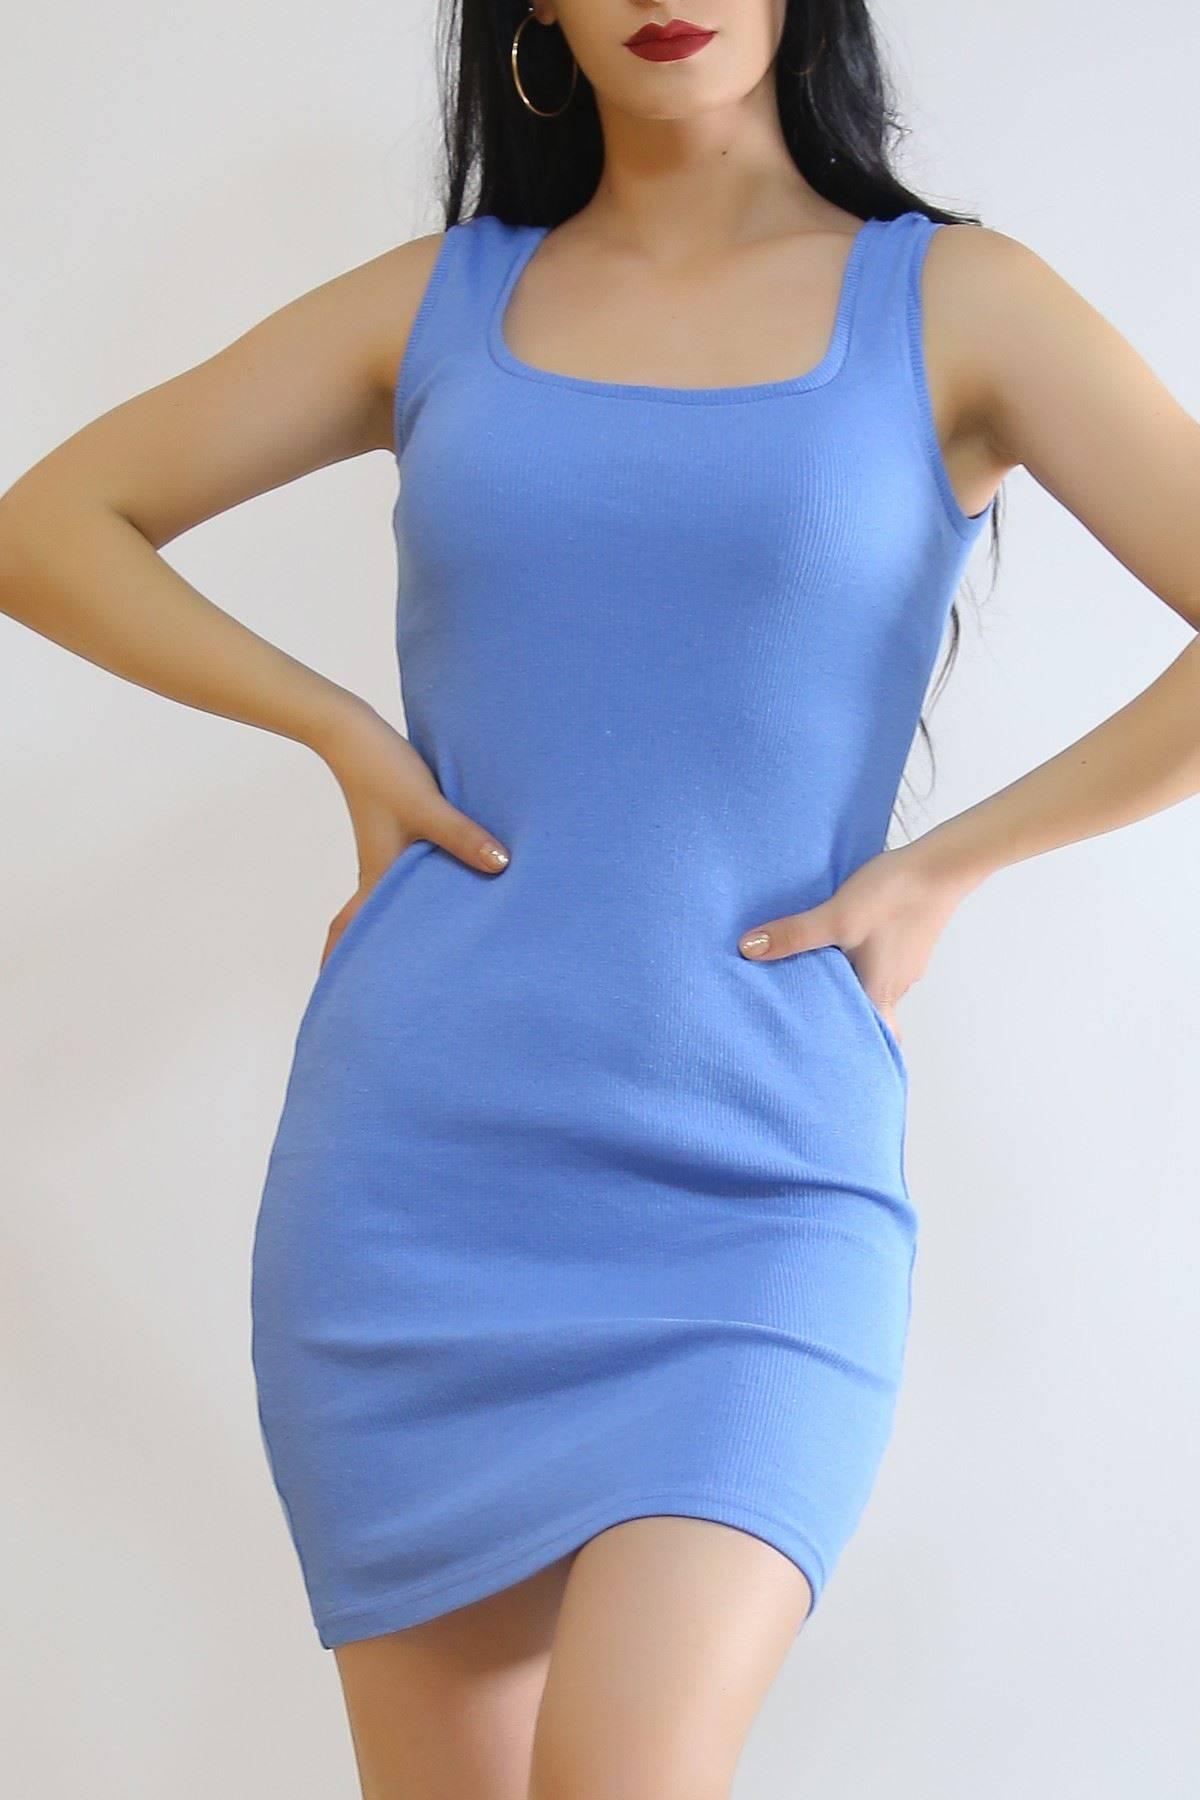 Kaşkorse Sıfır Kol Elbise Bebemavi - 5188.316.